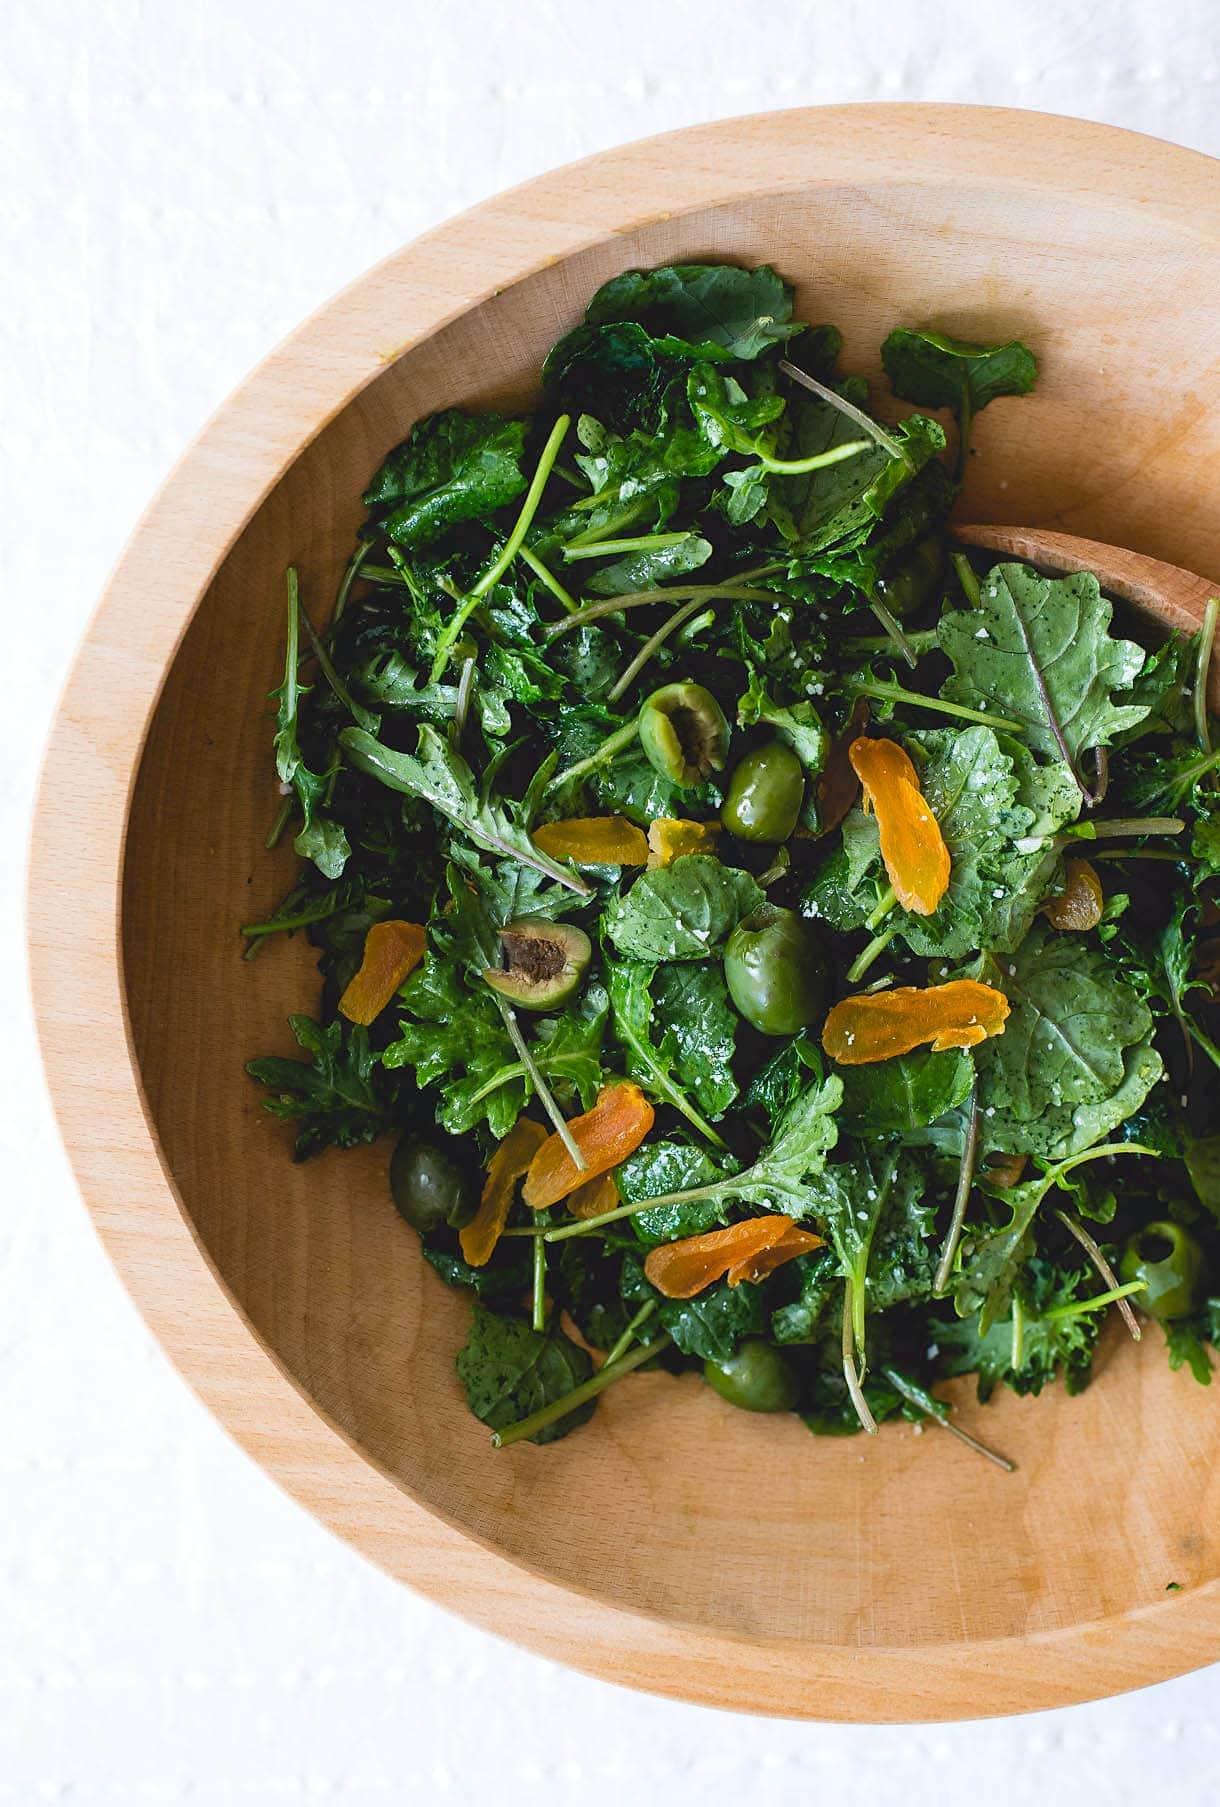 Amazing Baby Kale Salad with Shallot Vinaigrette {paleo, vegan}